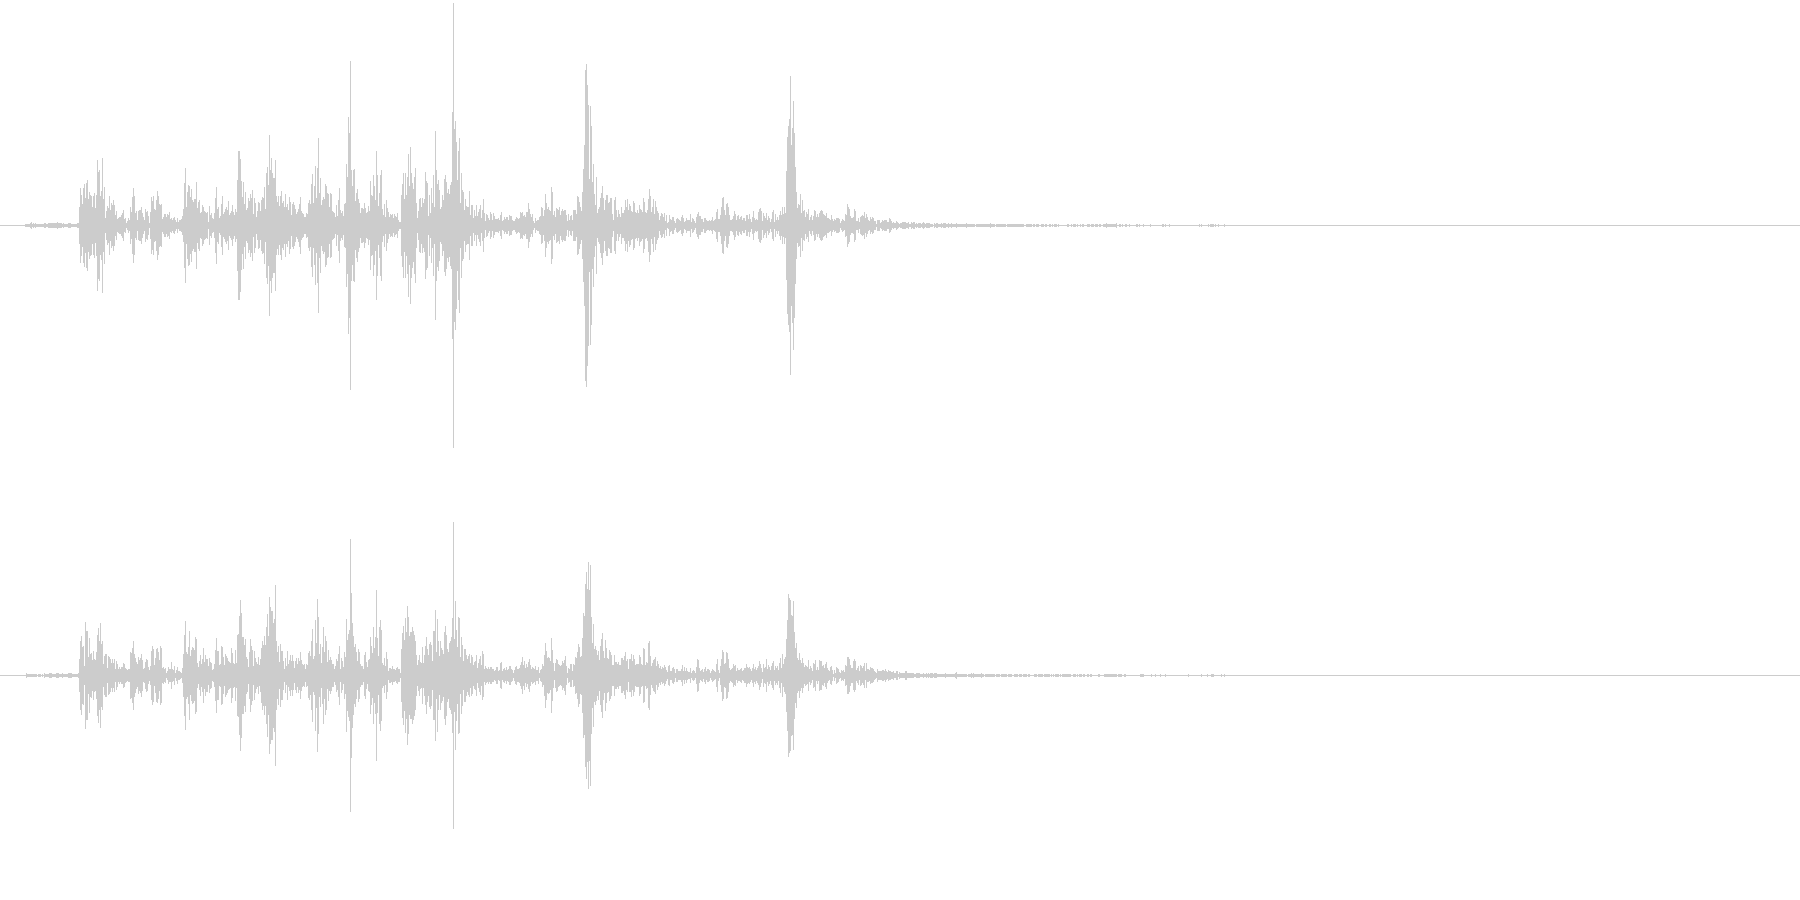 【生録音】カッターナイフの音 16の未再生の波形